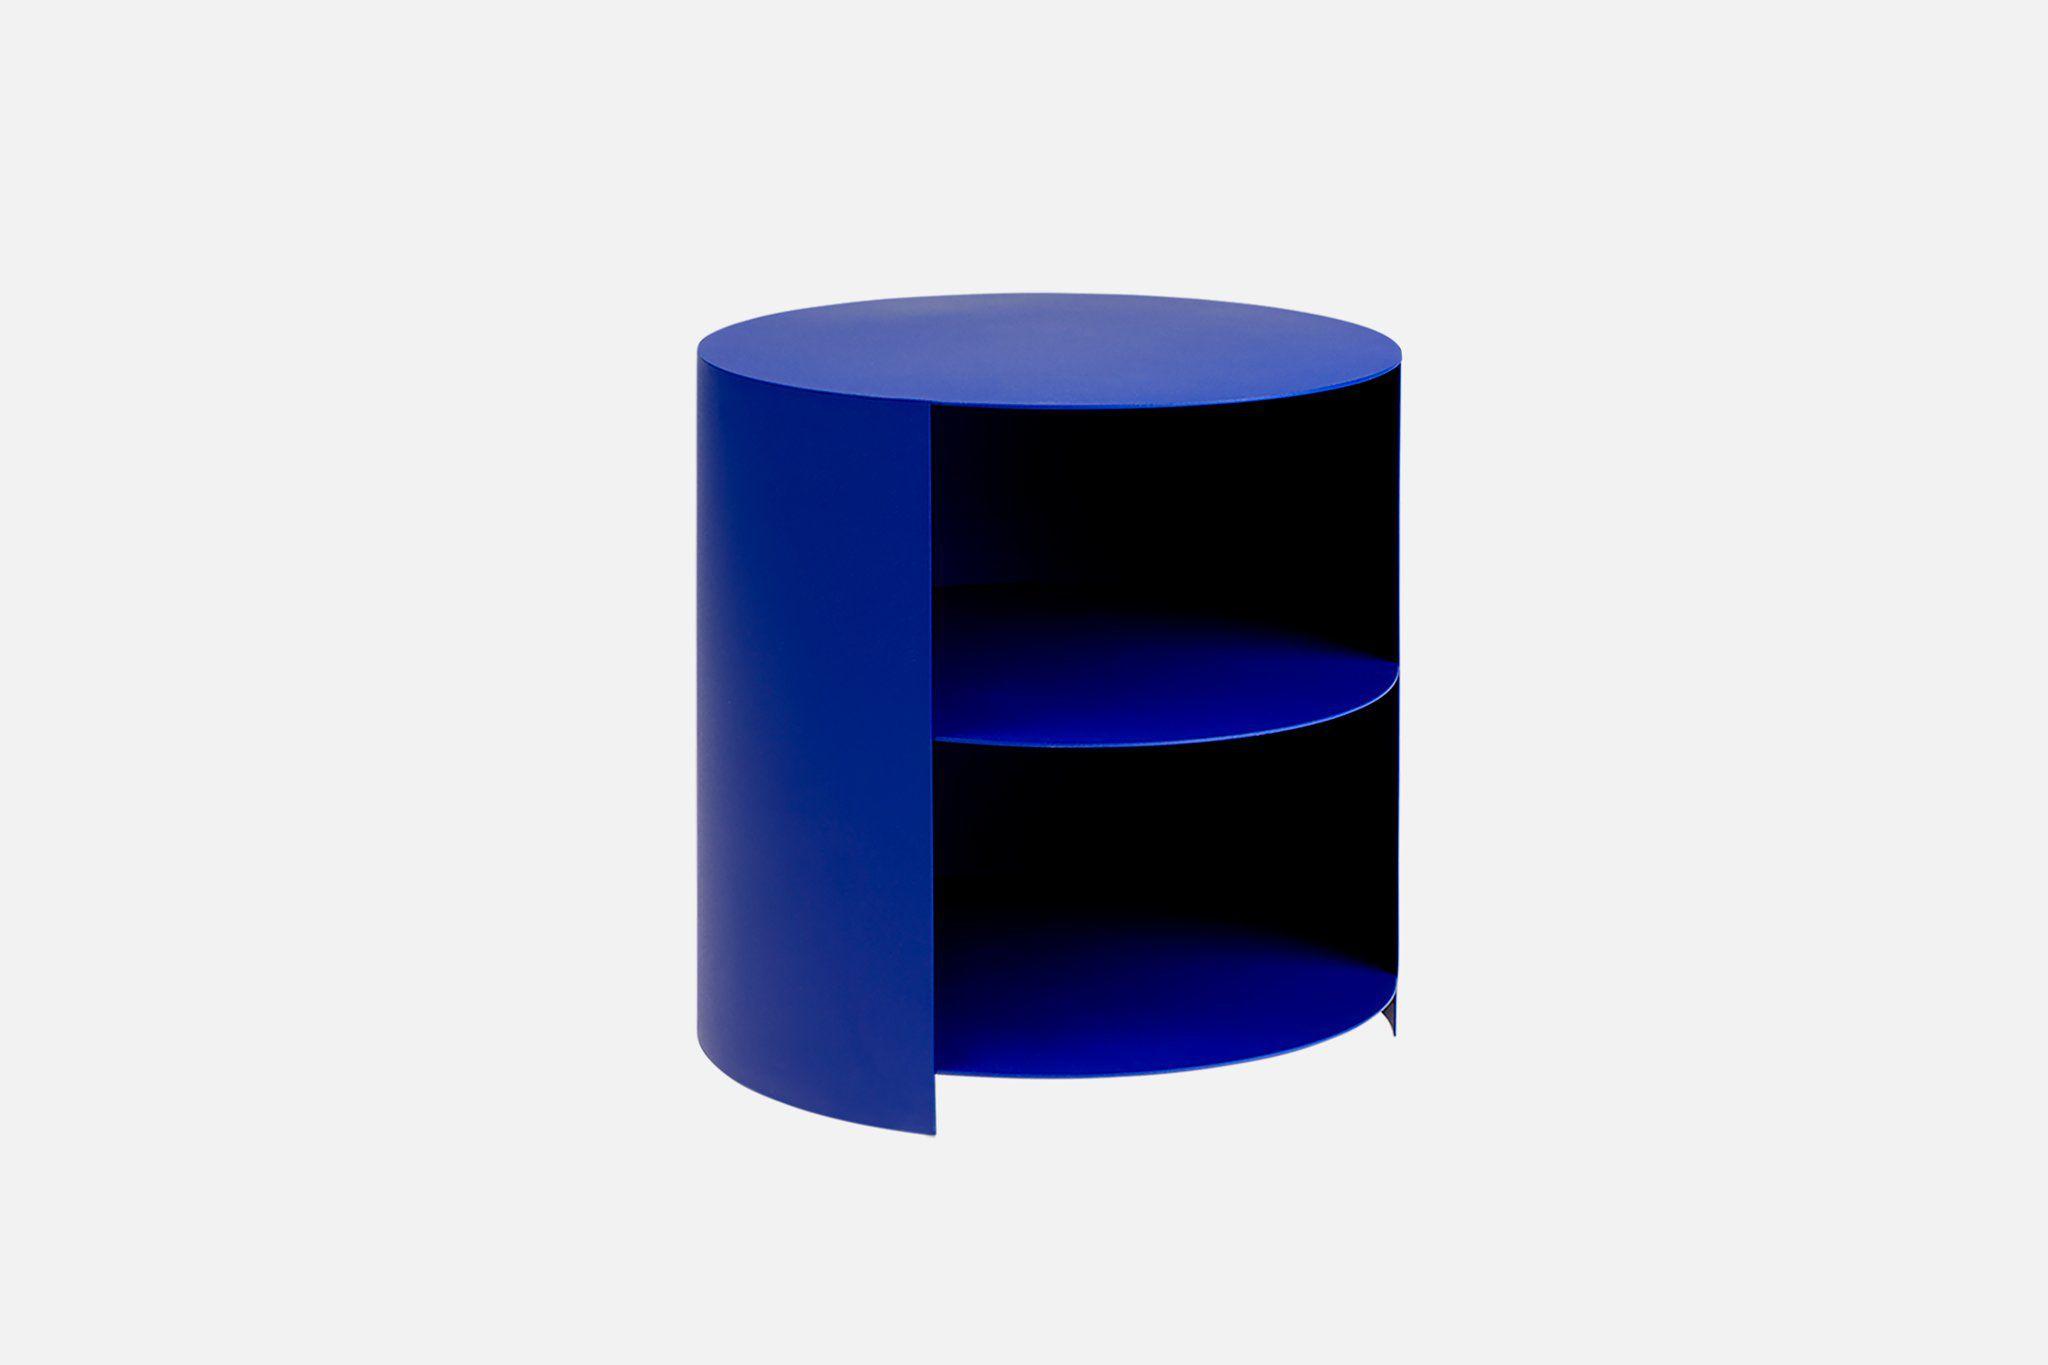 Hide Side Table by Karoline Fesser